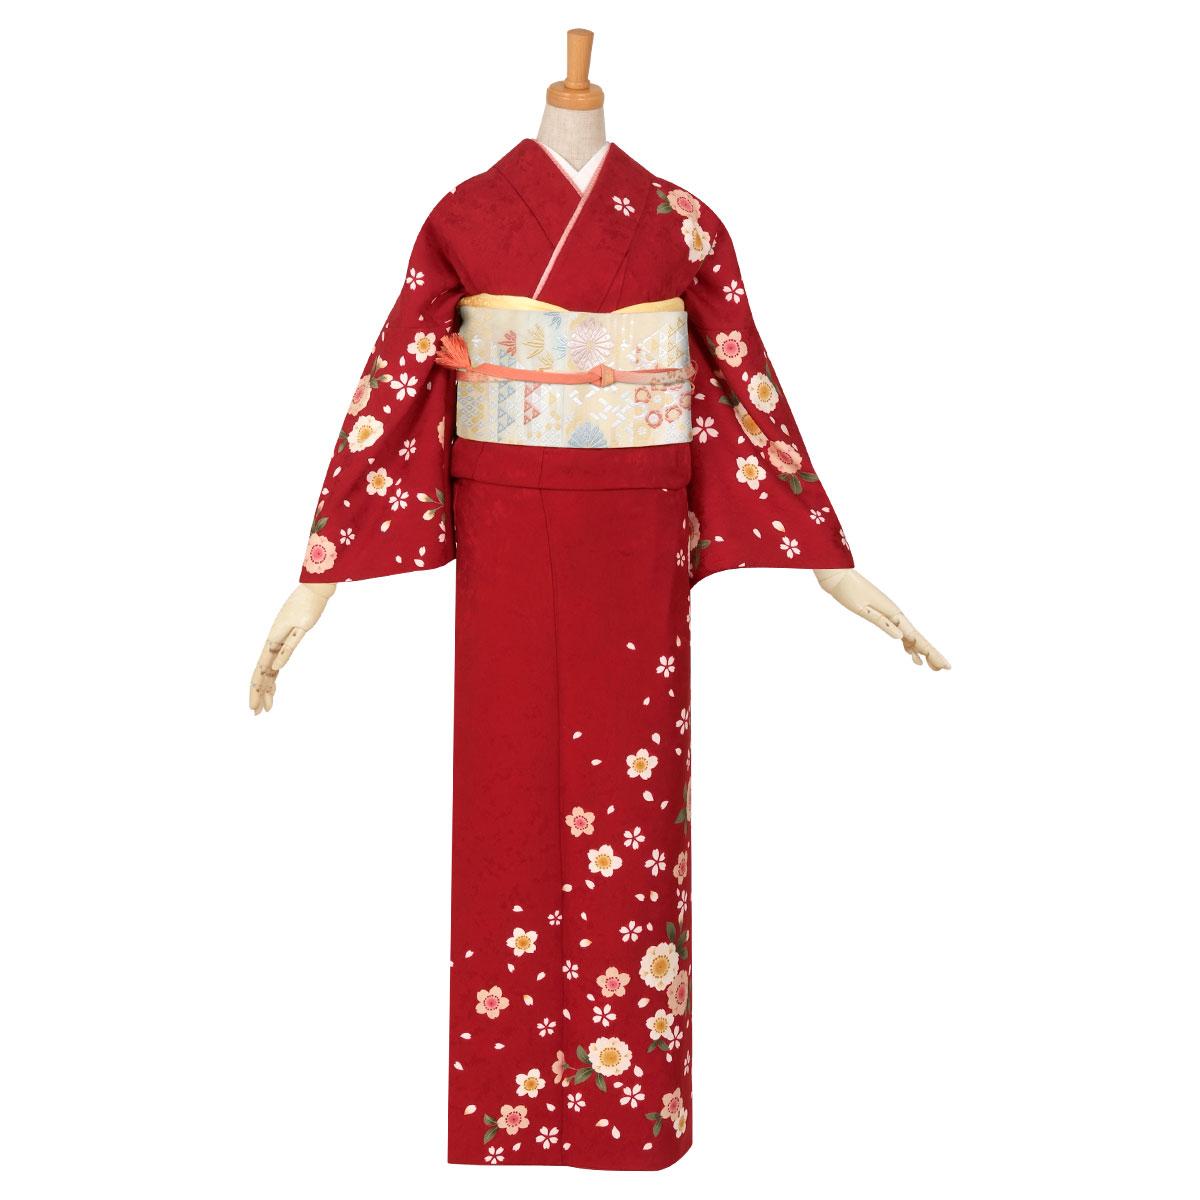 樱花和服简笔画